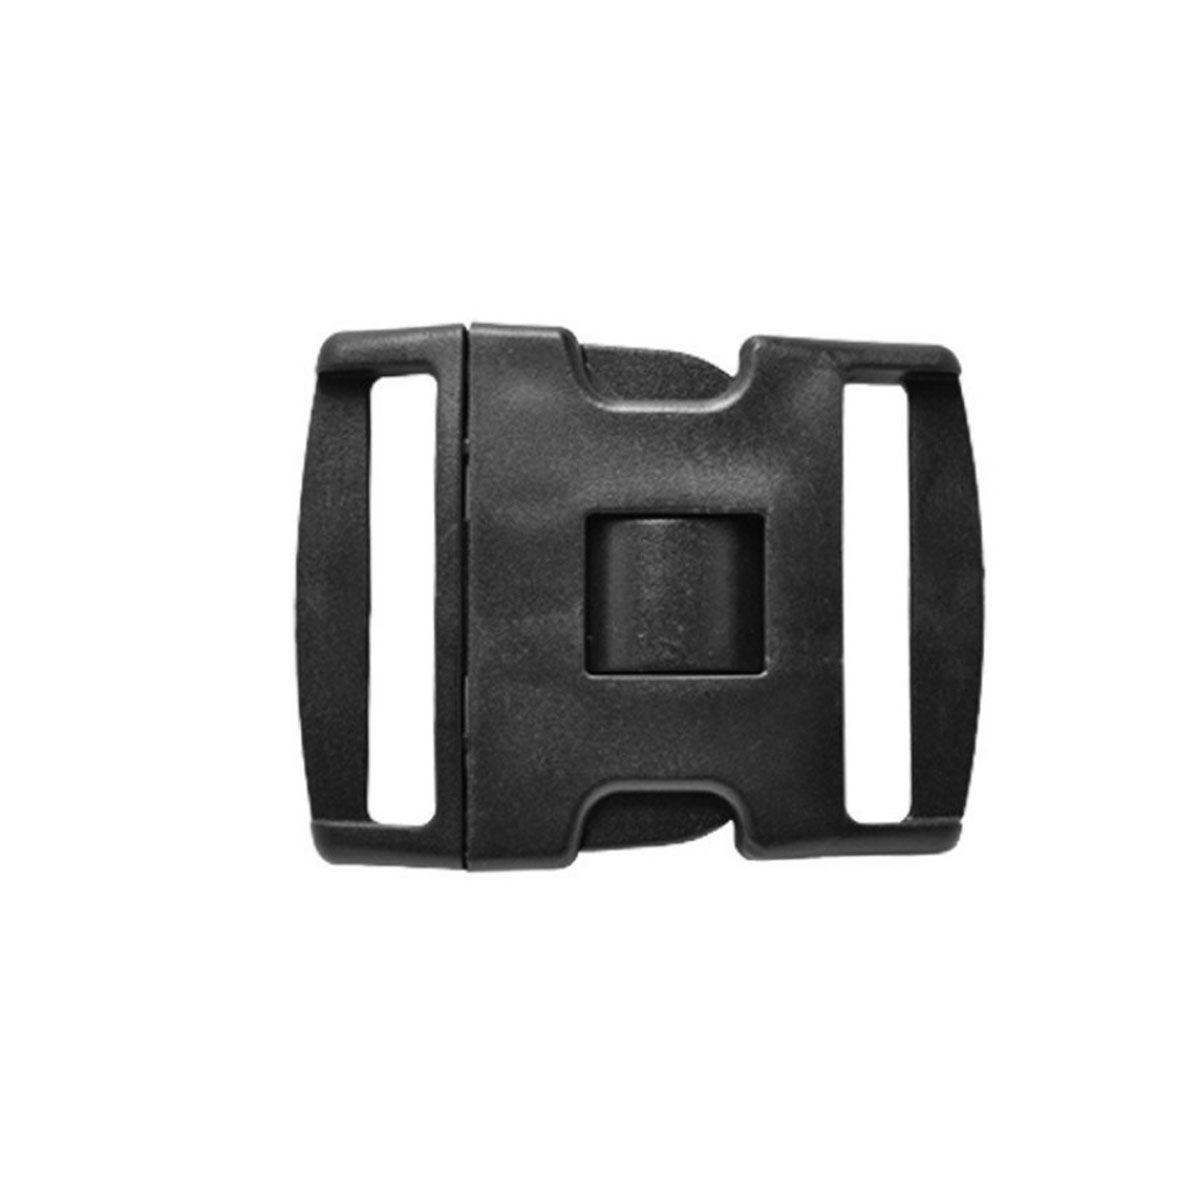 Fivela Plástica P/ Cinto NA 3 Travas 50mm